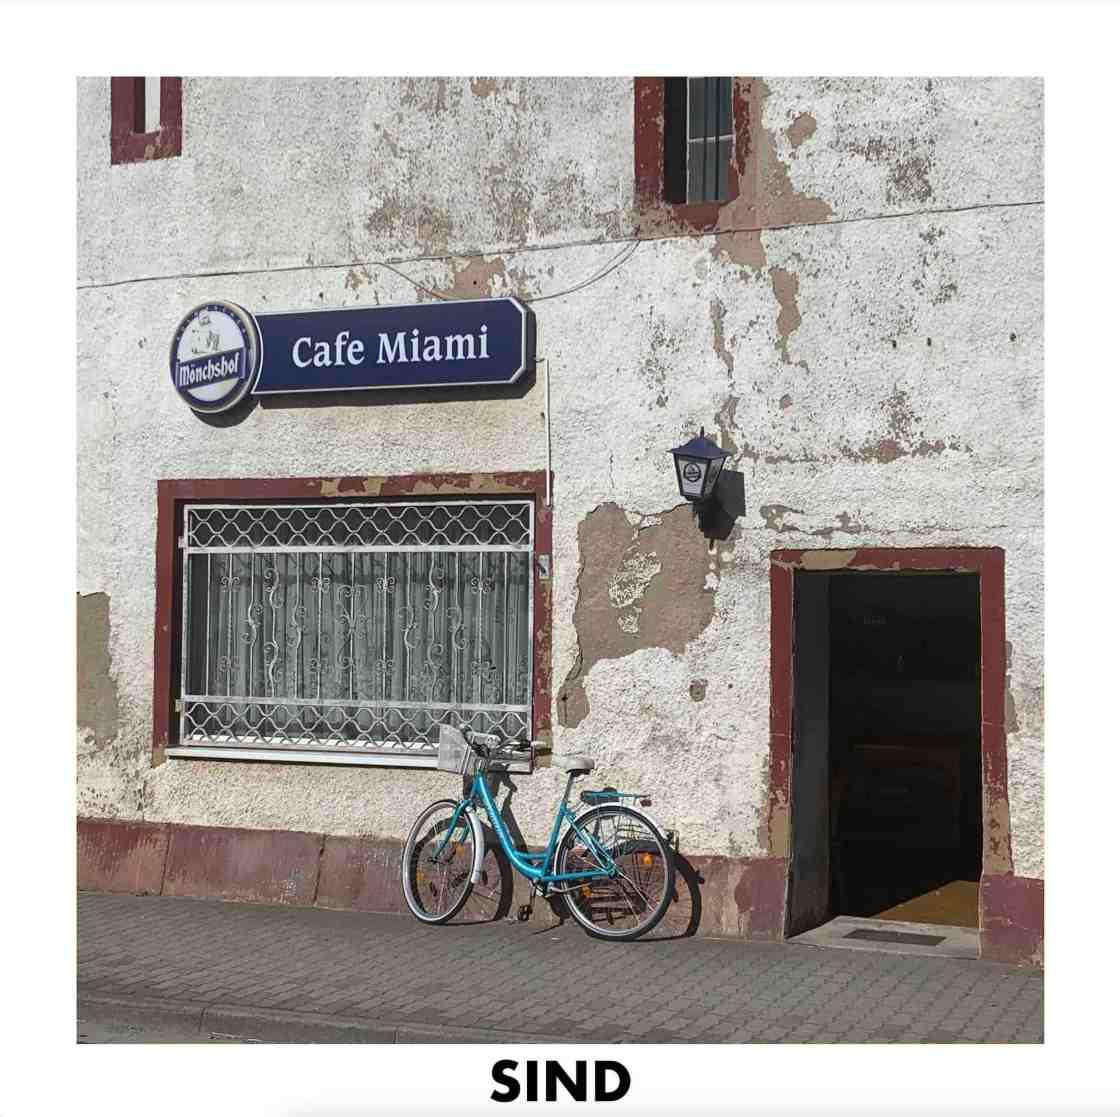 SIND - Café Miami